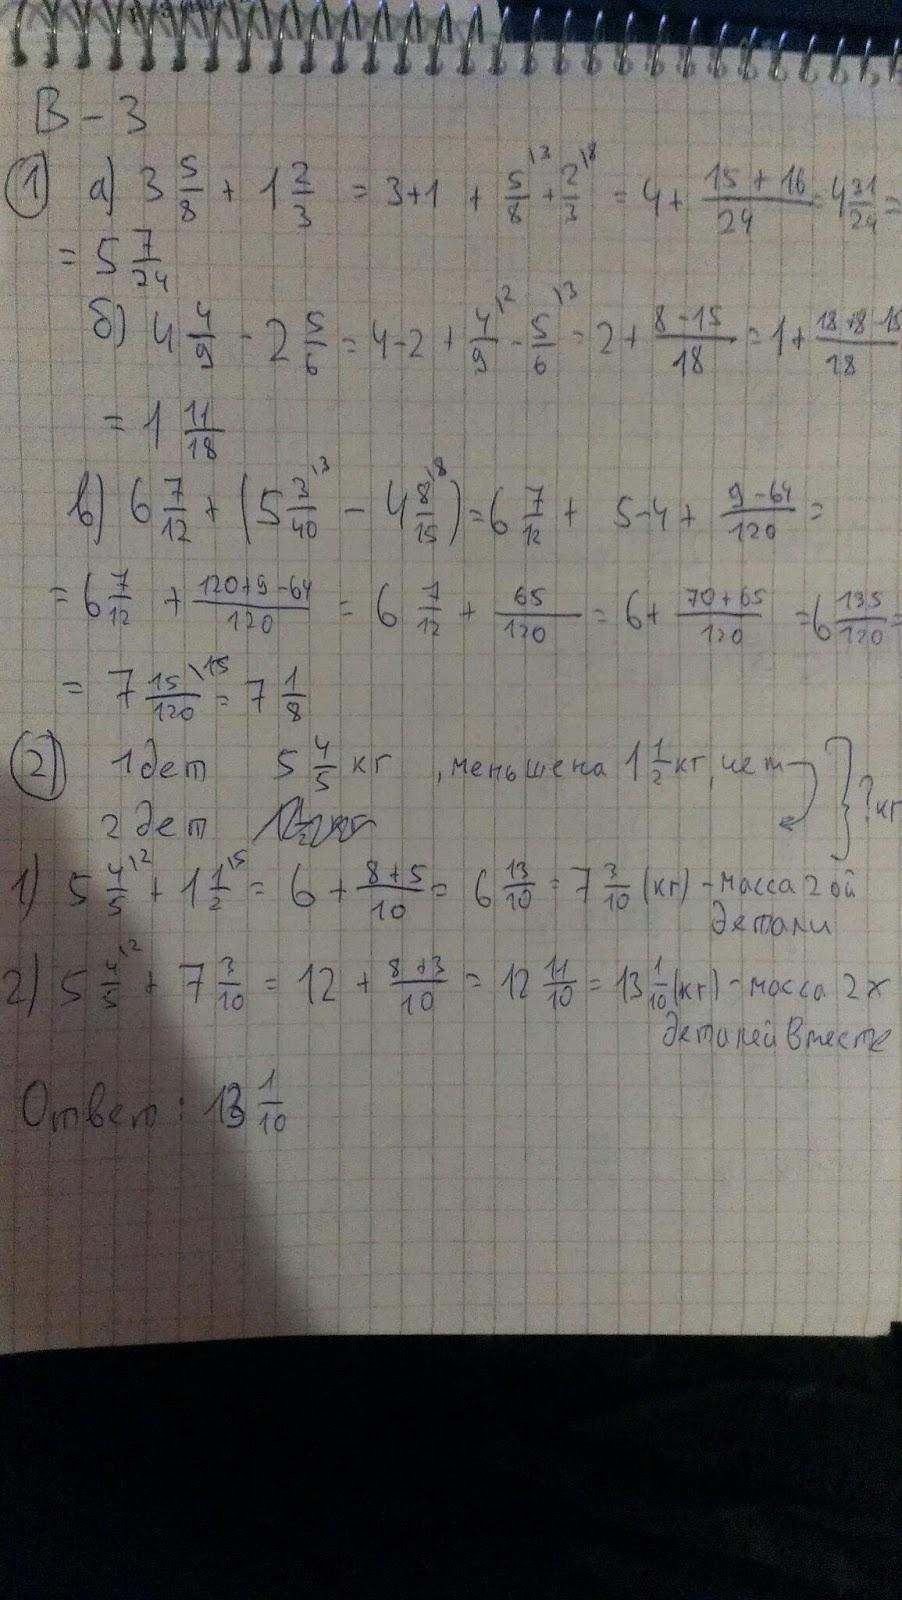 Математика Пример контрольной работы класс  Пример контрольной работы 6 класс